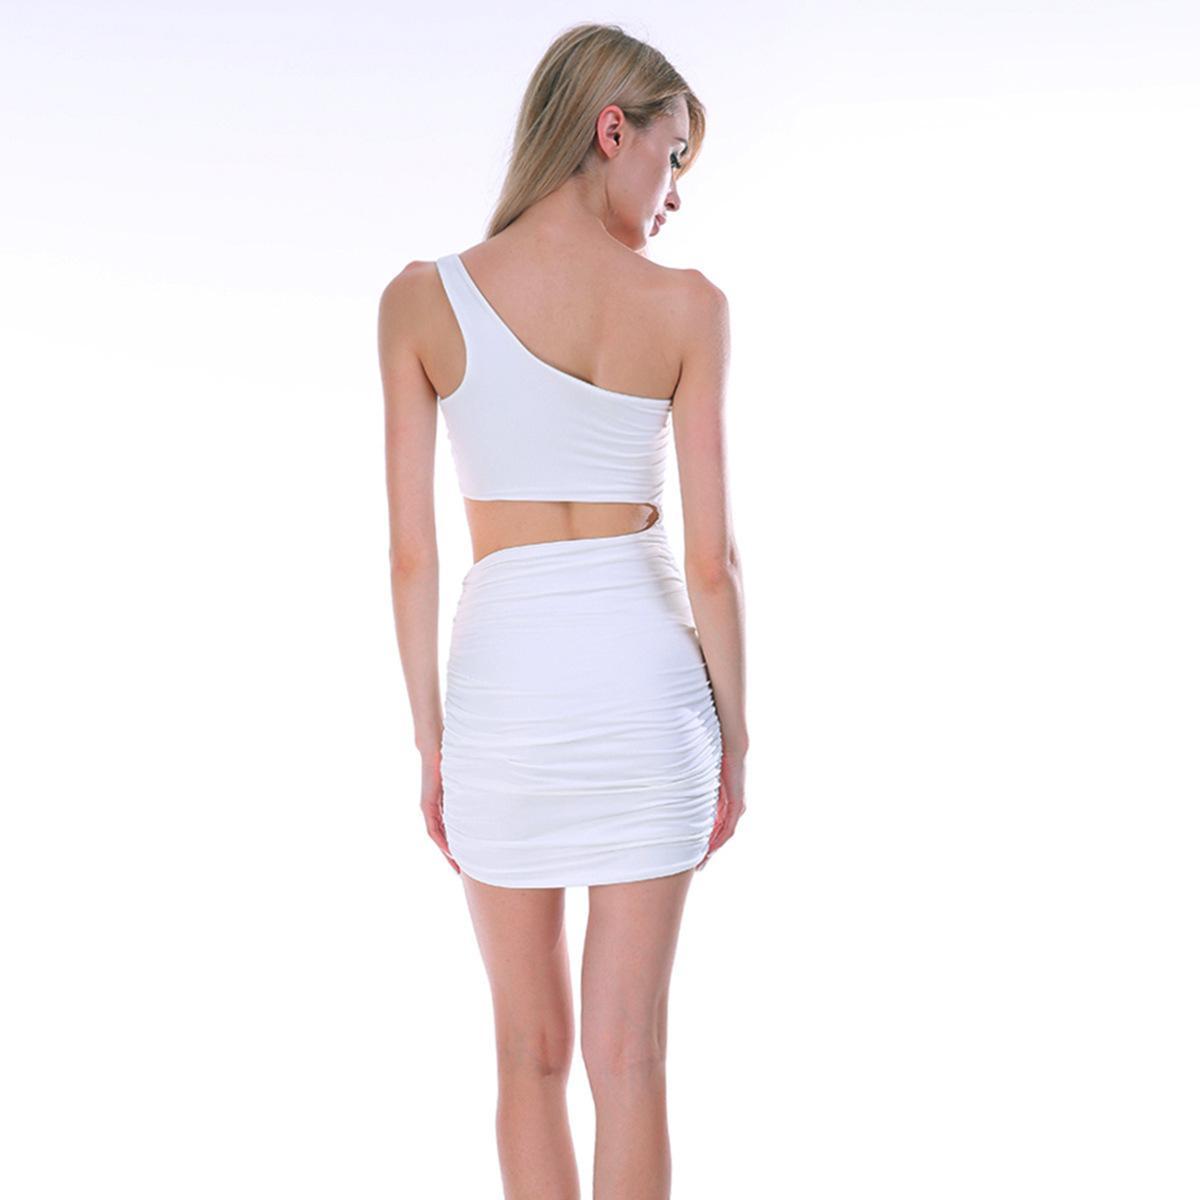 Женская мода Dresssingle плеча сексуальный ночной клуб мешок бедро платье цвета 5 ярдов